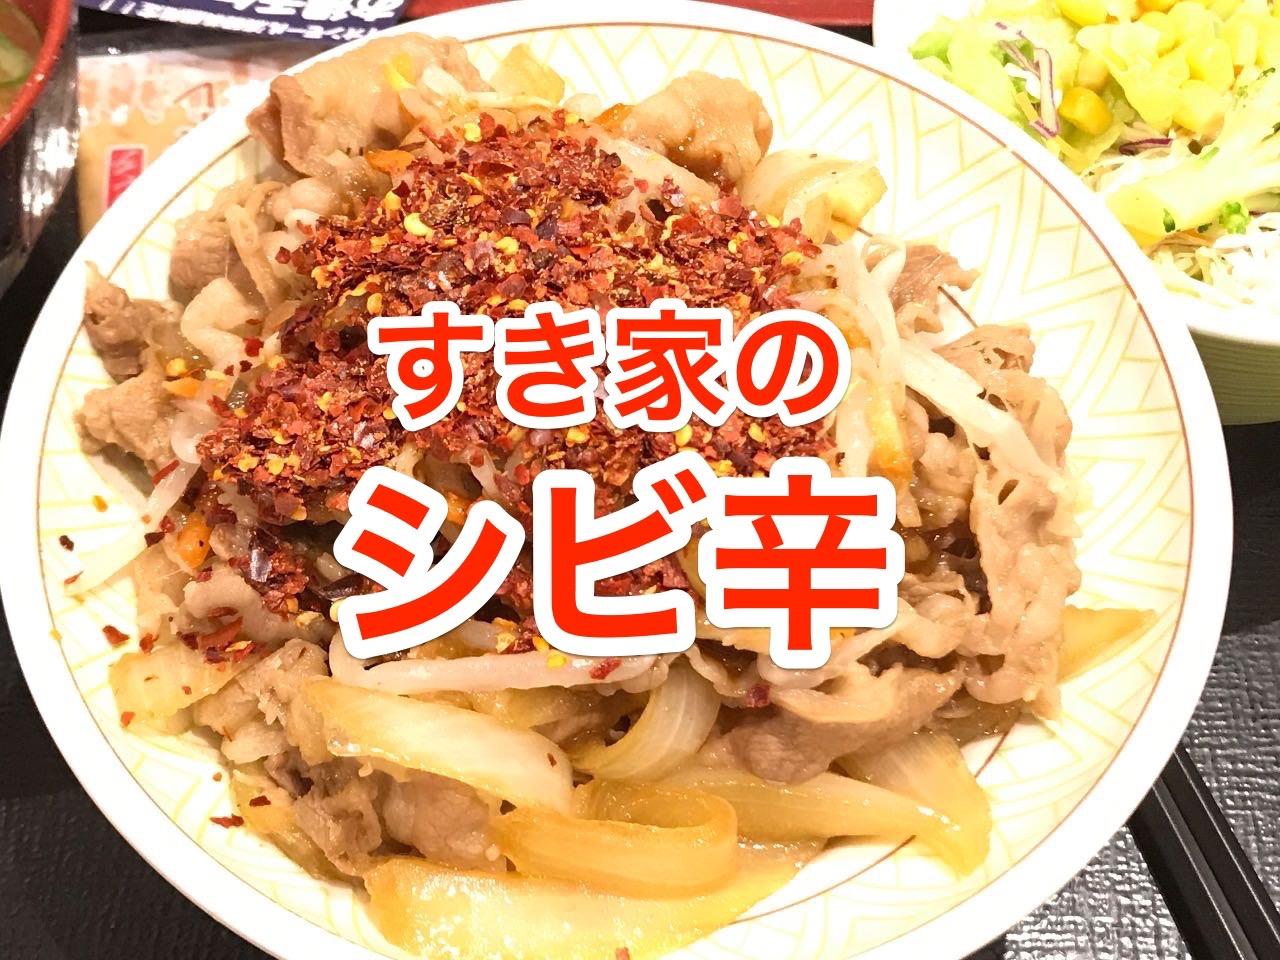 【すき家】「しび辛もやし牛丼」花椒と唐辛子で真っ赤な牛丼が美味い【感想】